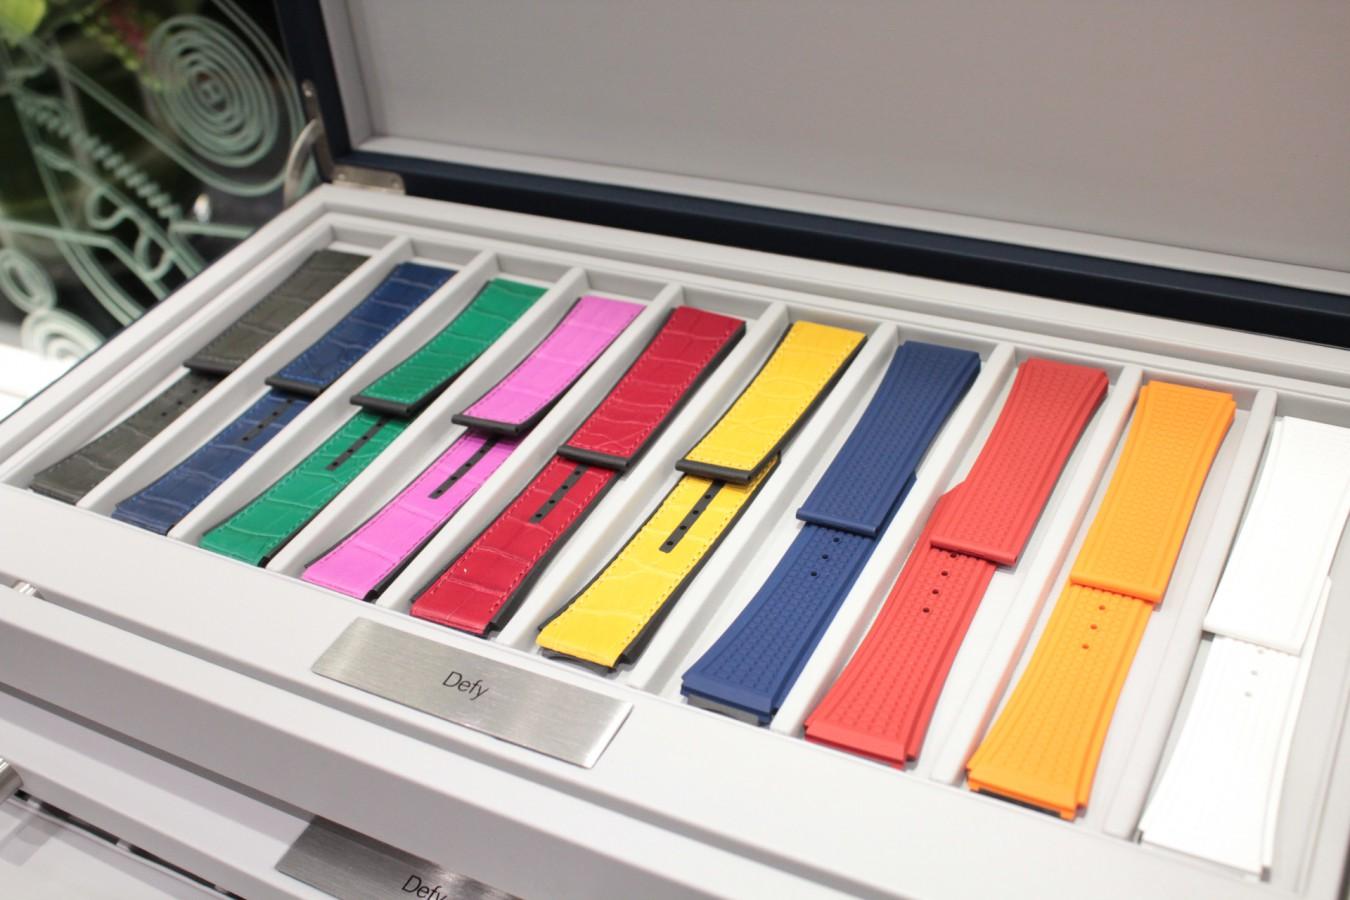 IMG_4815 ゼニスの豪華なストラップボックスが入荷しました!現行モデルのストラップを色々ご覧頂けます。 - ベルト/ストラップ